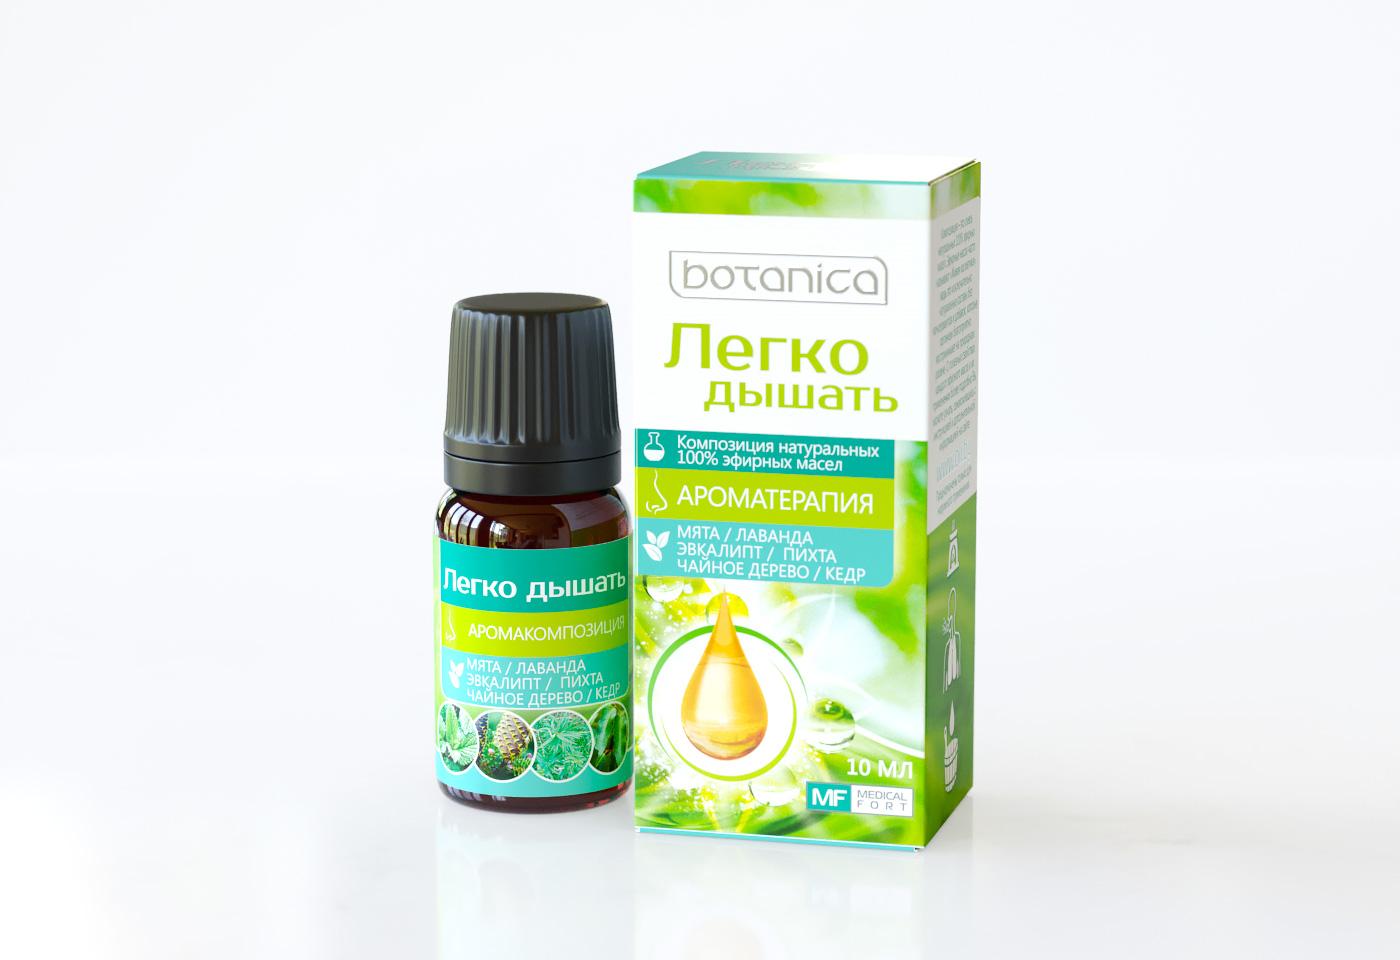 Упаковка эфирное масло Botanica «Легко дышать»